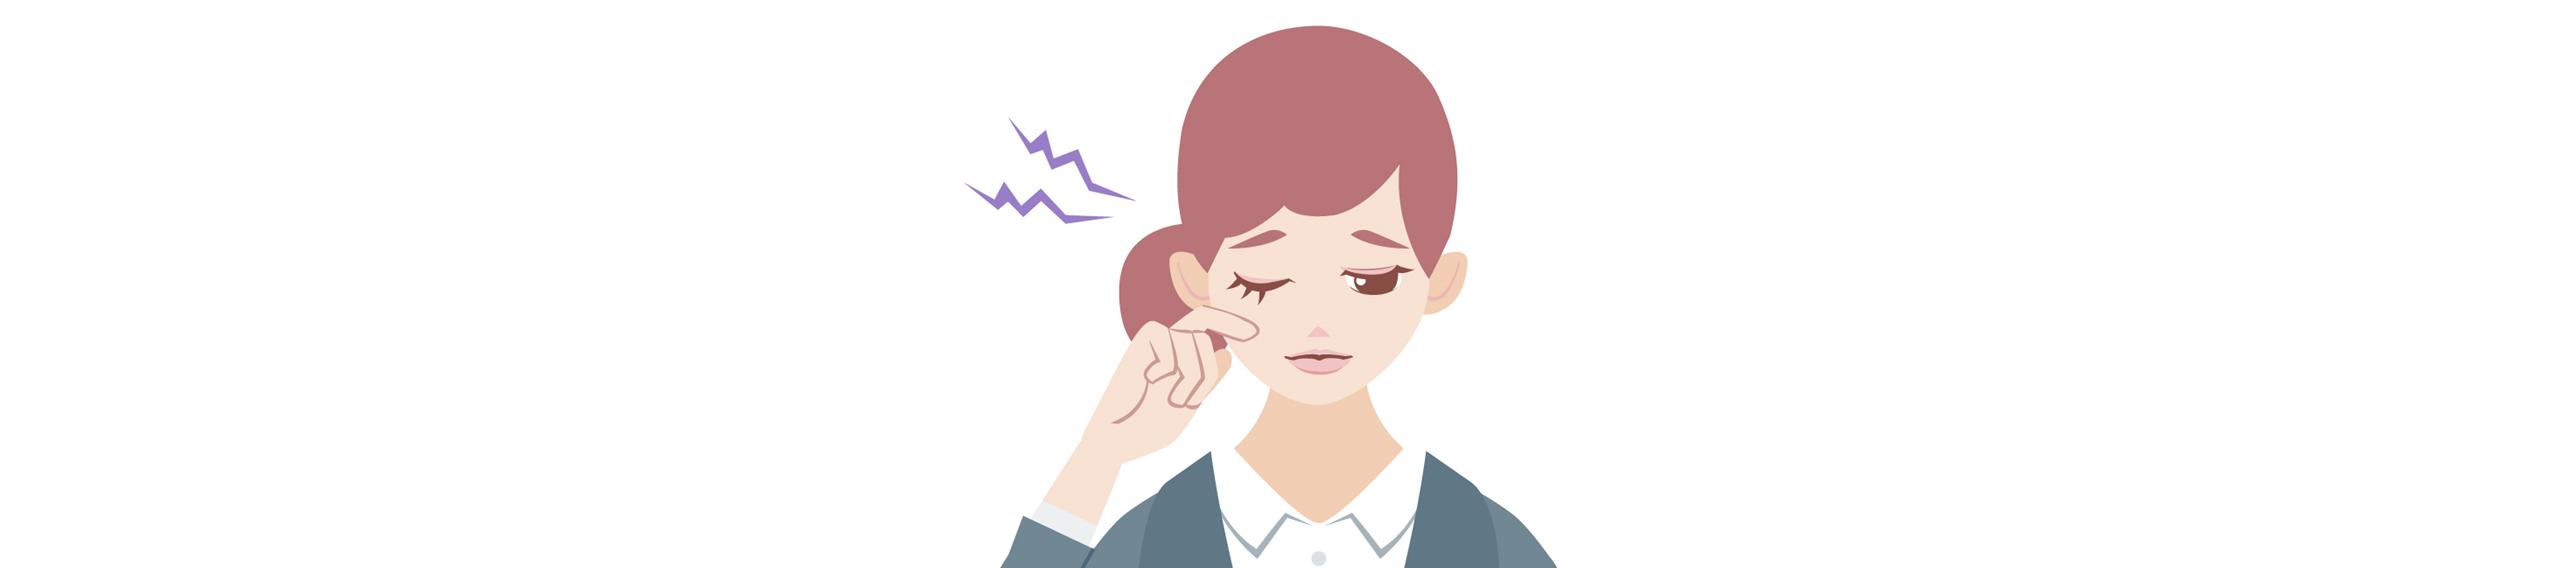 「疲れ目、かすみ目」の症状に、改めて知りたいブルーベリーと目の関係性